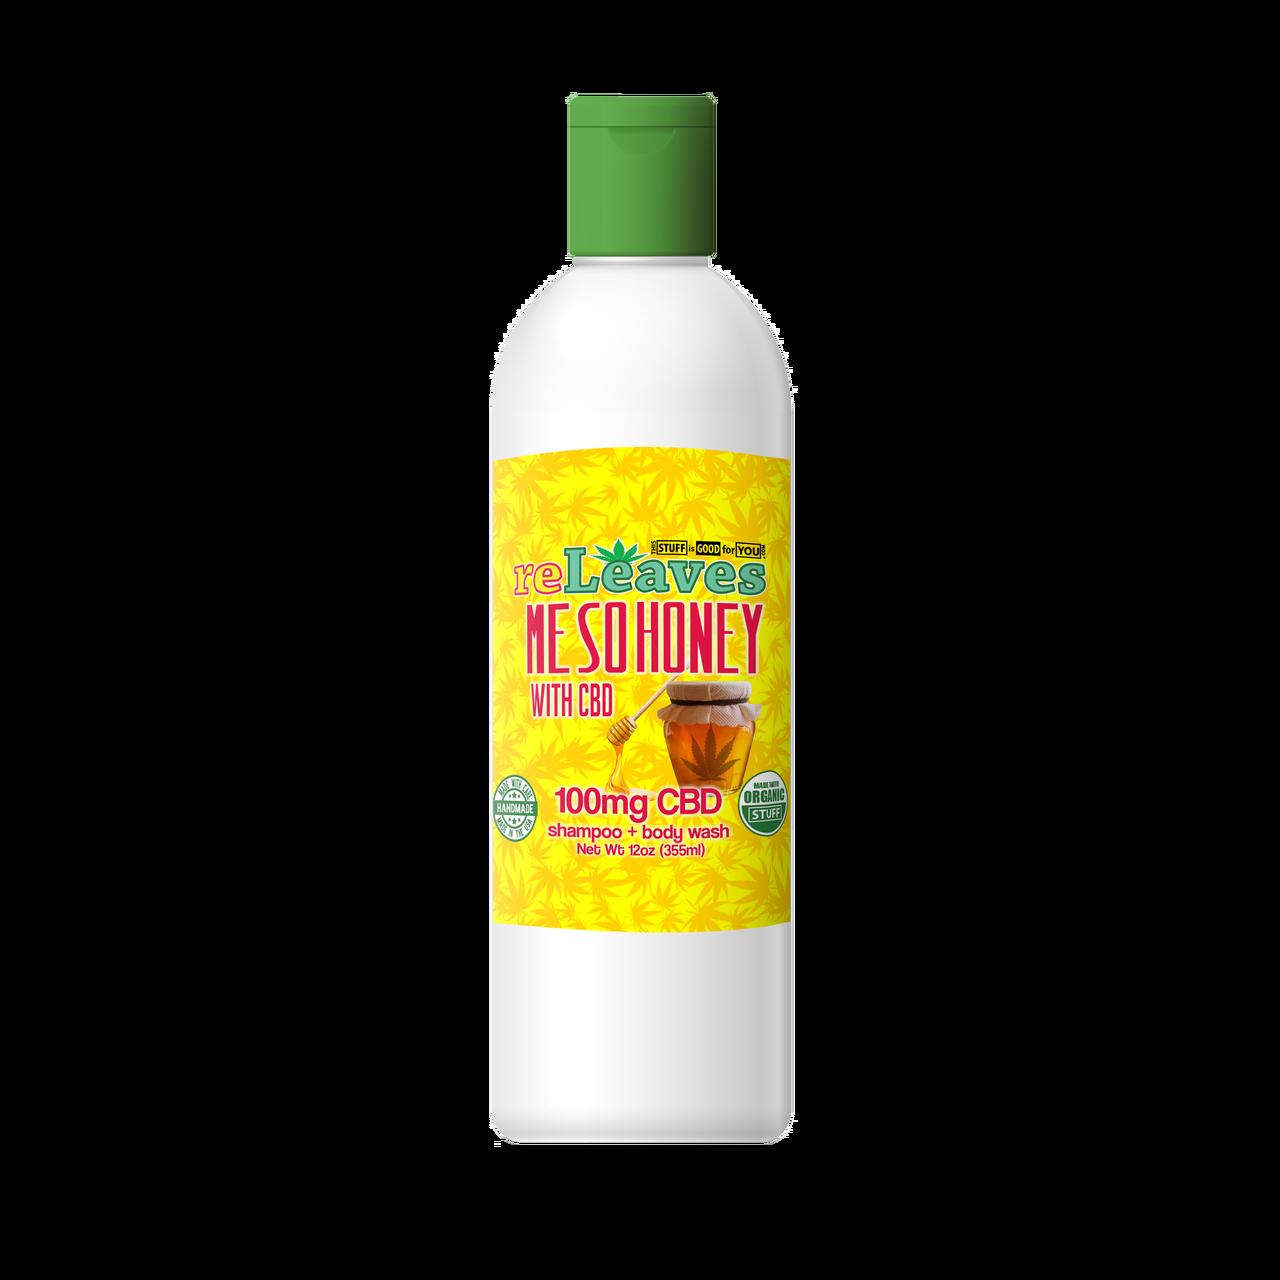 12oz reLeaves 100mg CBD Me So Honey Shampoo Body Wash